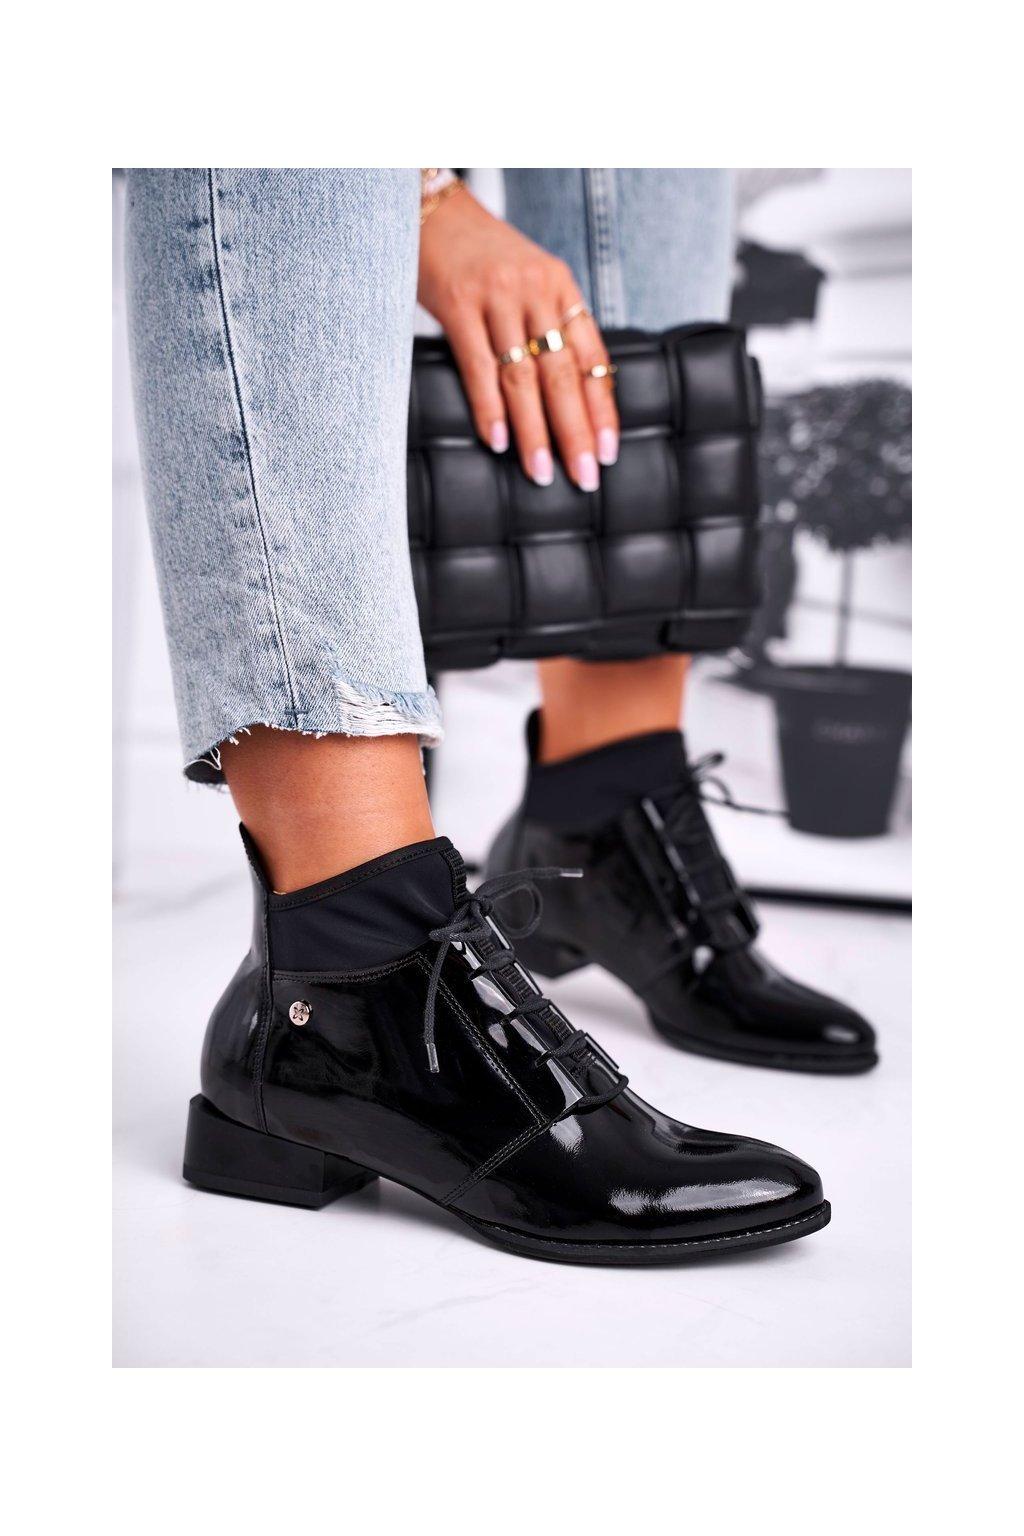 Členkové topánky na podpätku farba čierna kód obuvi 04744-01/00-7 BLK